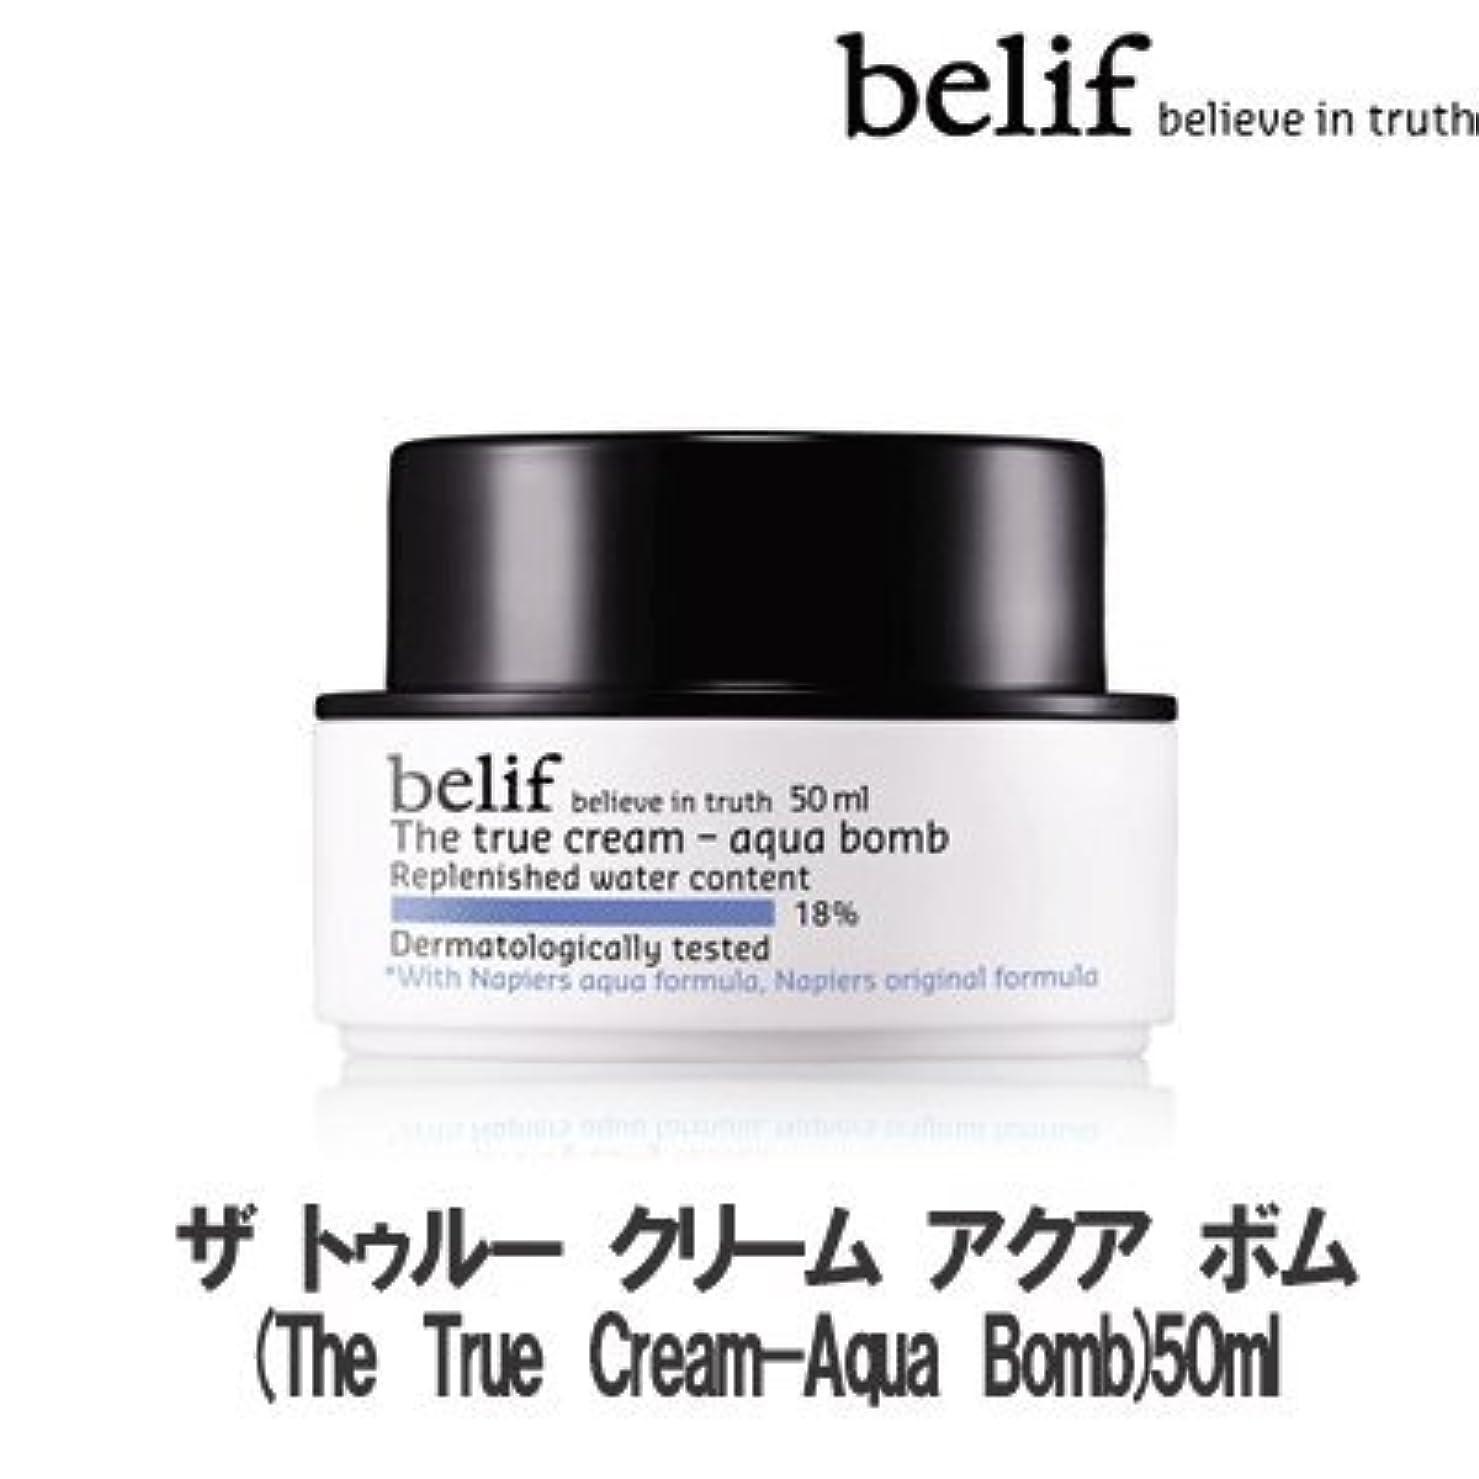 落ち着かないラジエーターインフラbelf(ビリフ)ザ トゥルー クリーム アクア ボム(The True Cream-Aqua Bomb)50ml